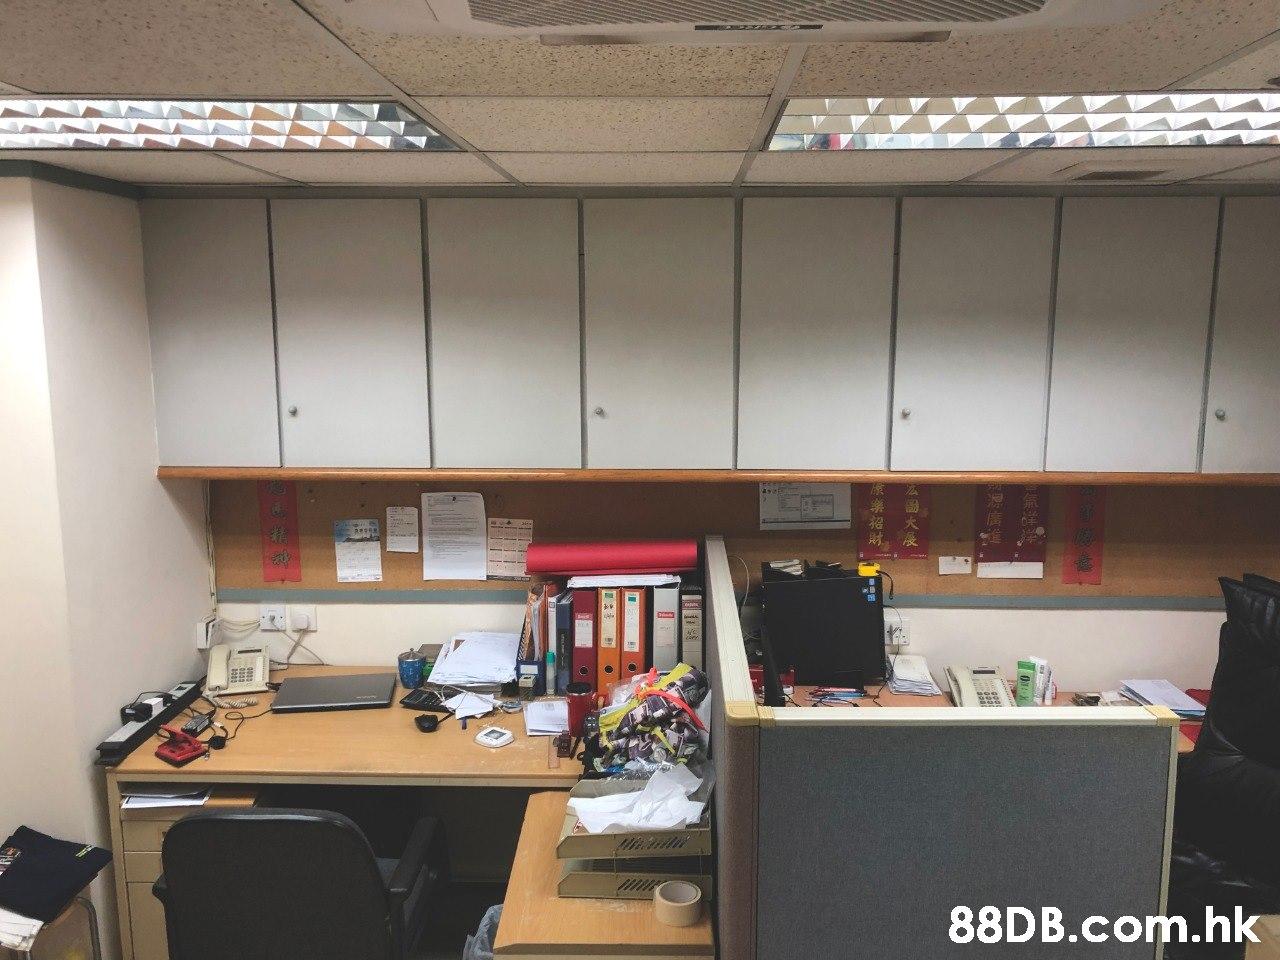 楽闇 .hk  Property,Building,Office,Room,Ceiling